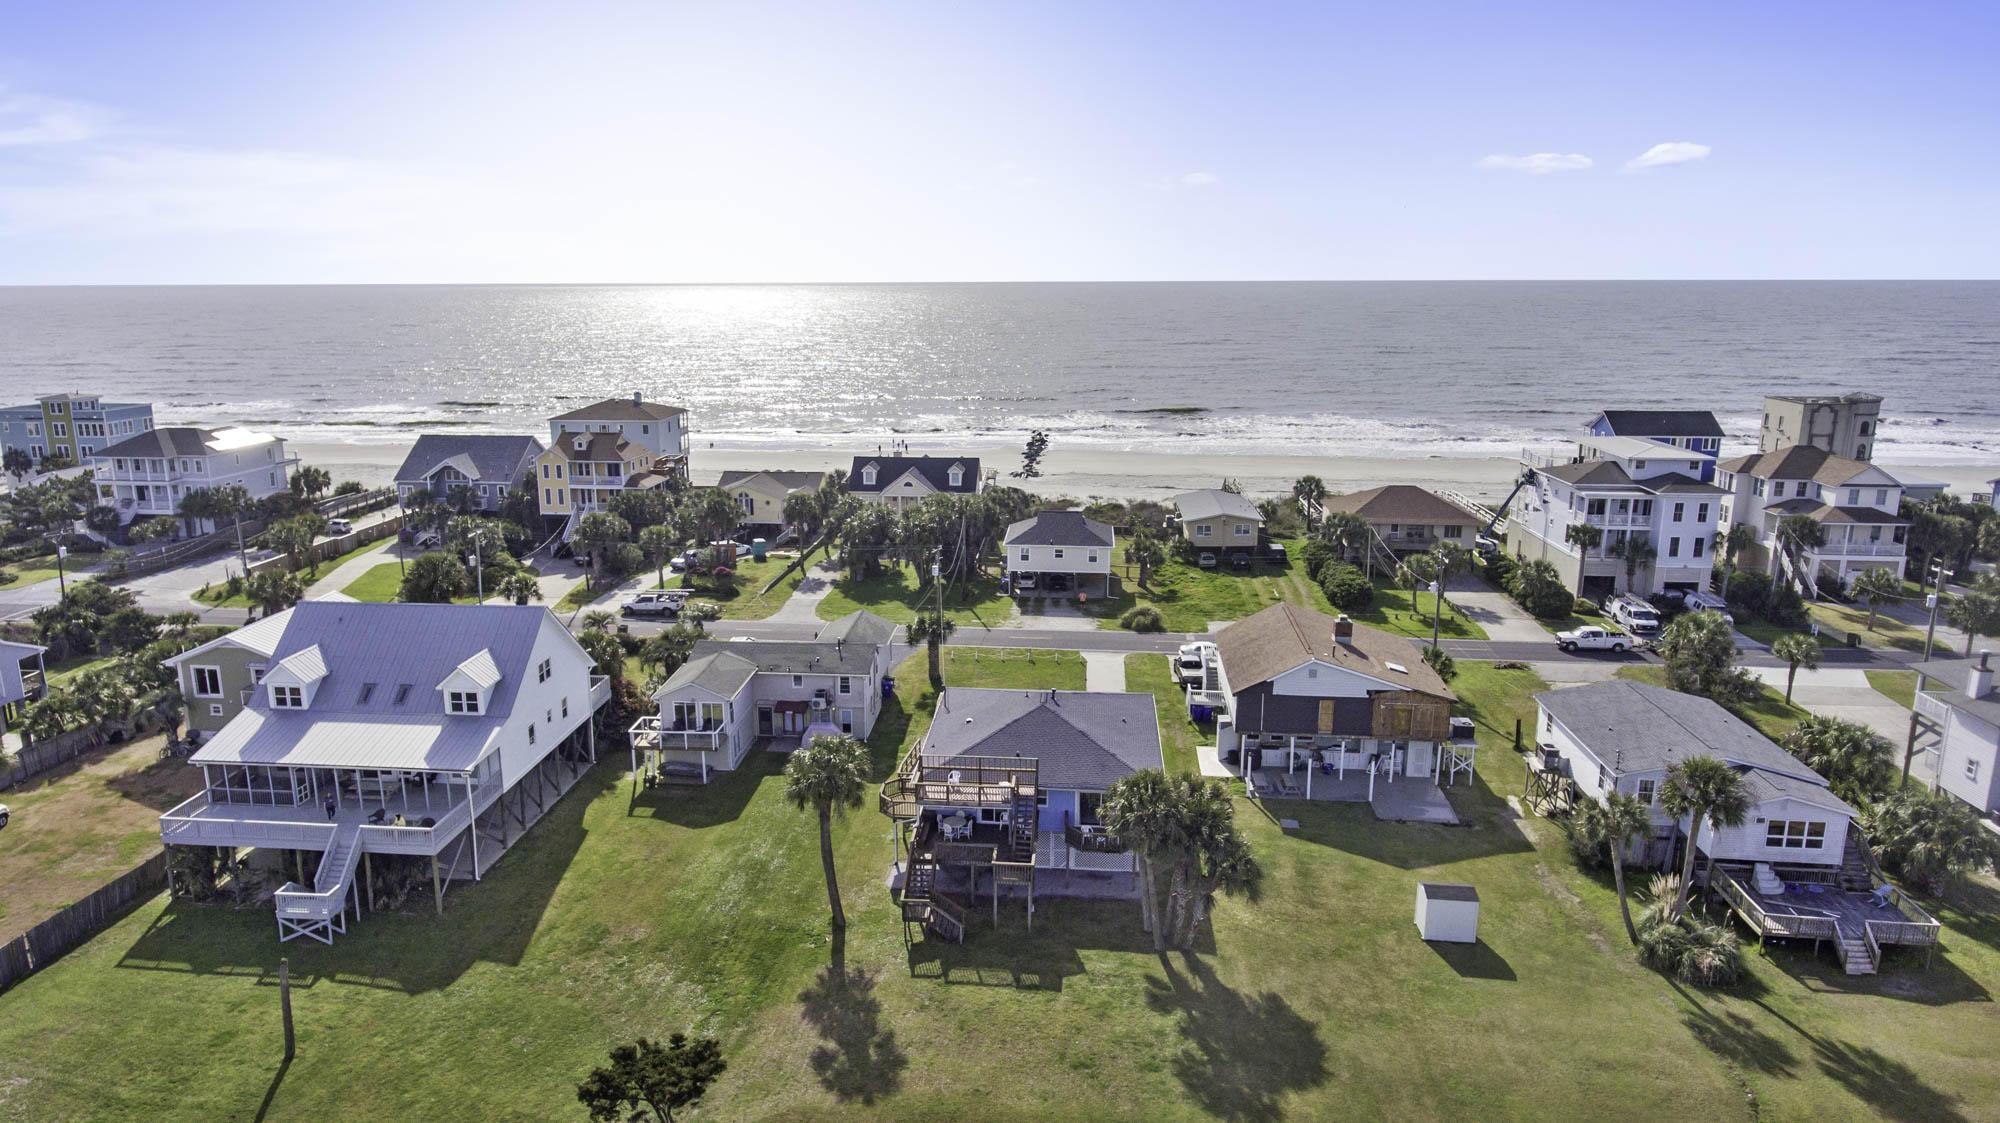 E Folly Bch Shores Homes For Sale - 1662 Ashley, Folly Beach, SC - 27